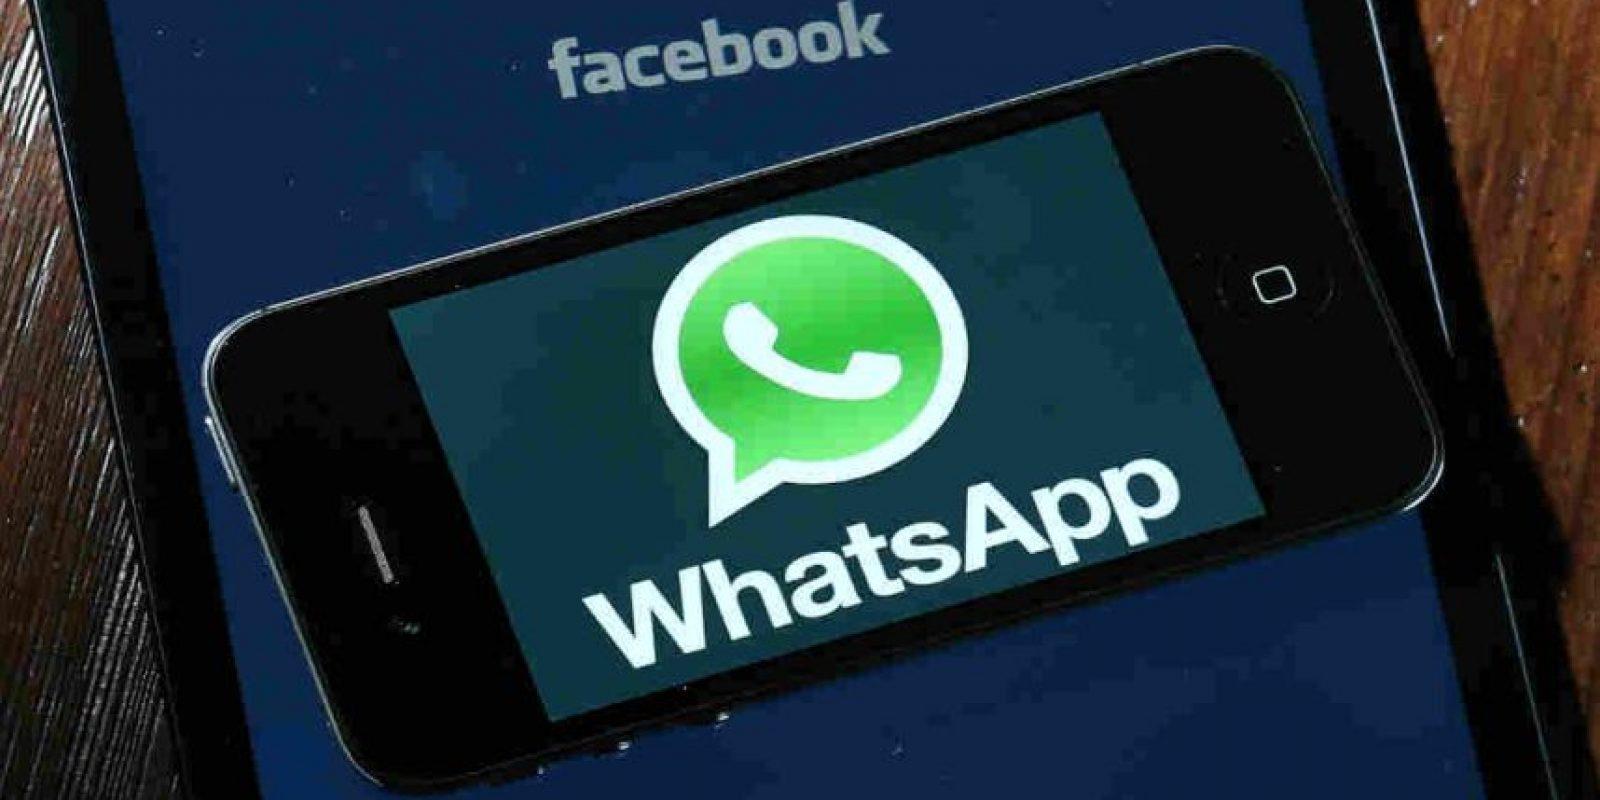 WhatsApp está disponible para casi todas las plataformas como iOS, Android, Windows Phone y BlackBerry -aunque para estas últimas pronto ya no-. Foto:Getty Images. Imagen Por: